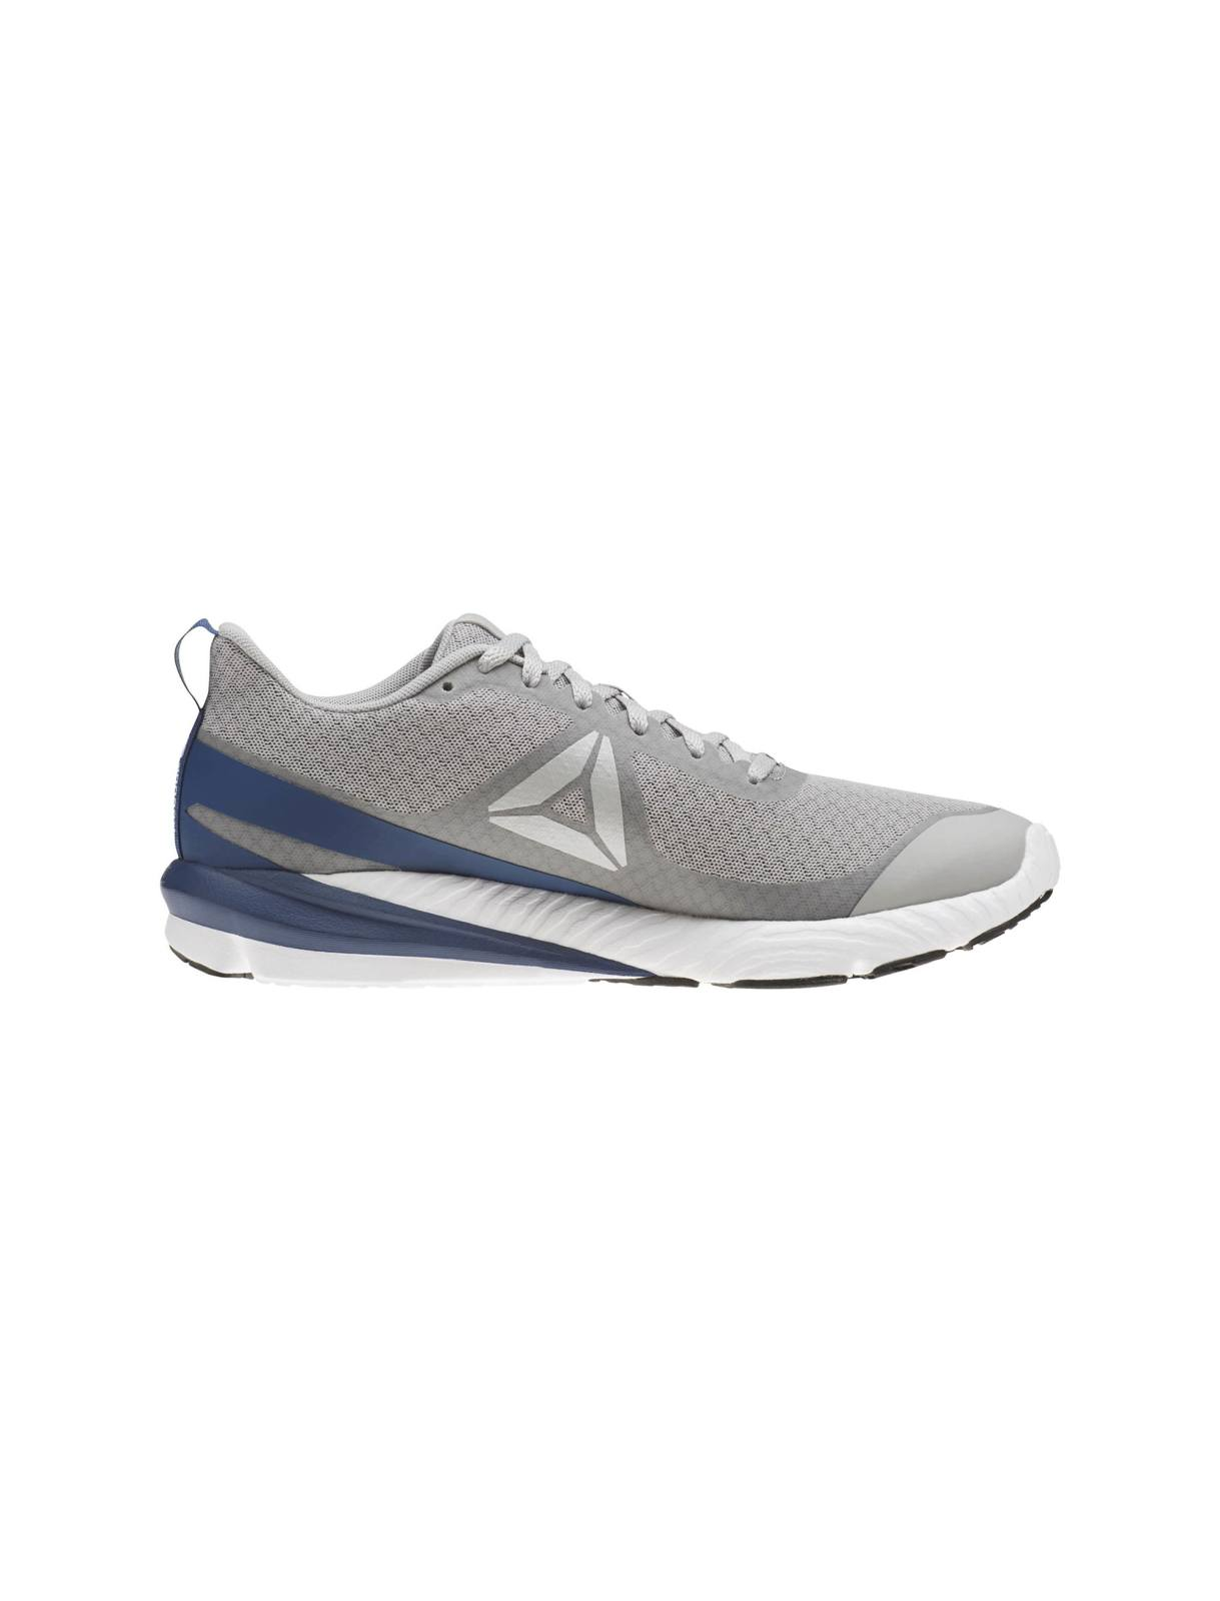 کفش مخصوص دویدن مردانه ریباک مدل Sweet Road Se  Reebok Sweet Road Se Running Shoes For Men